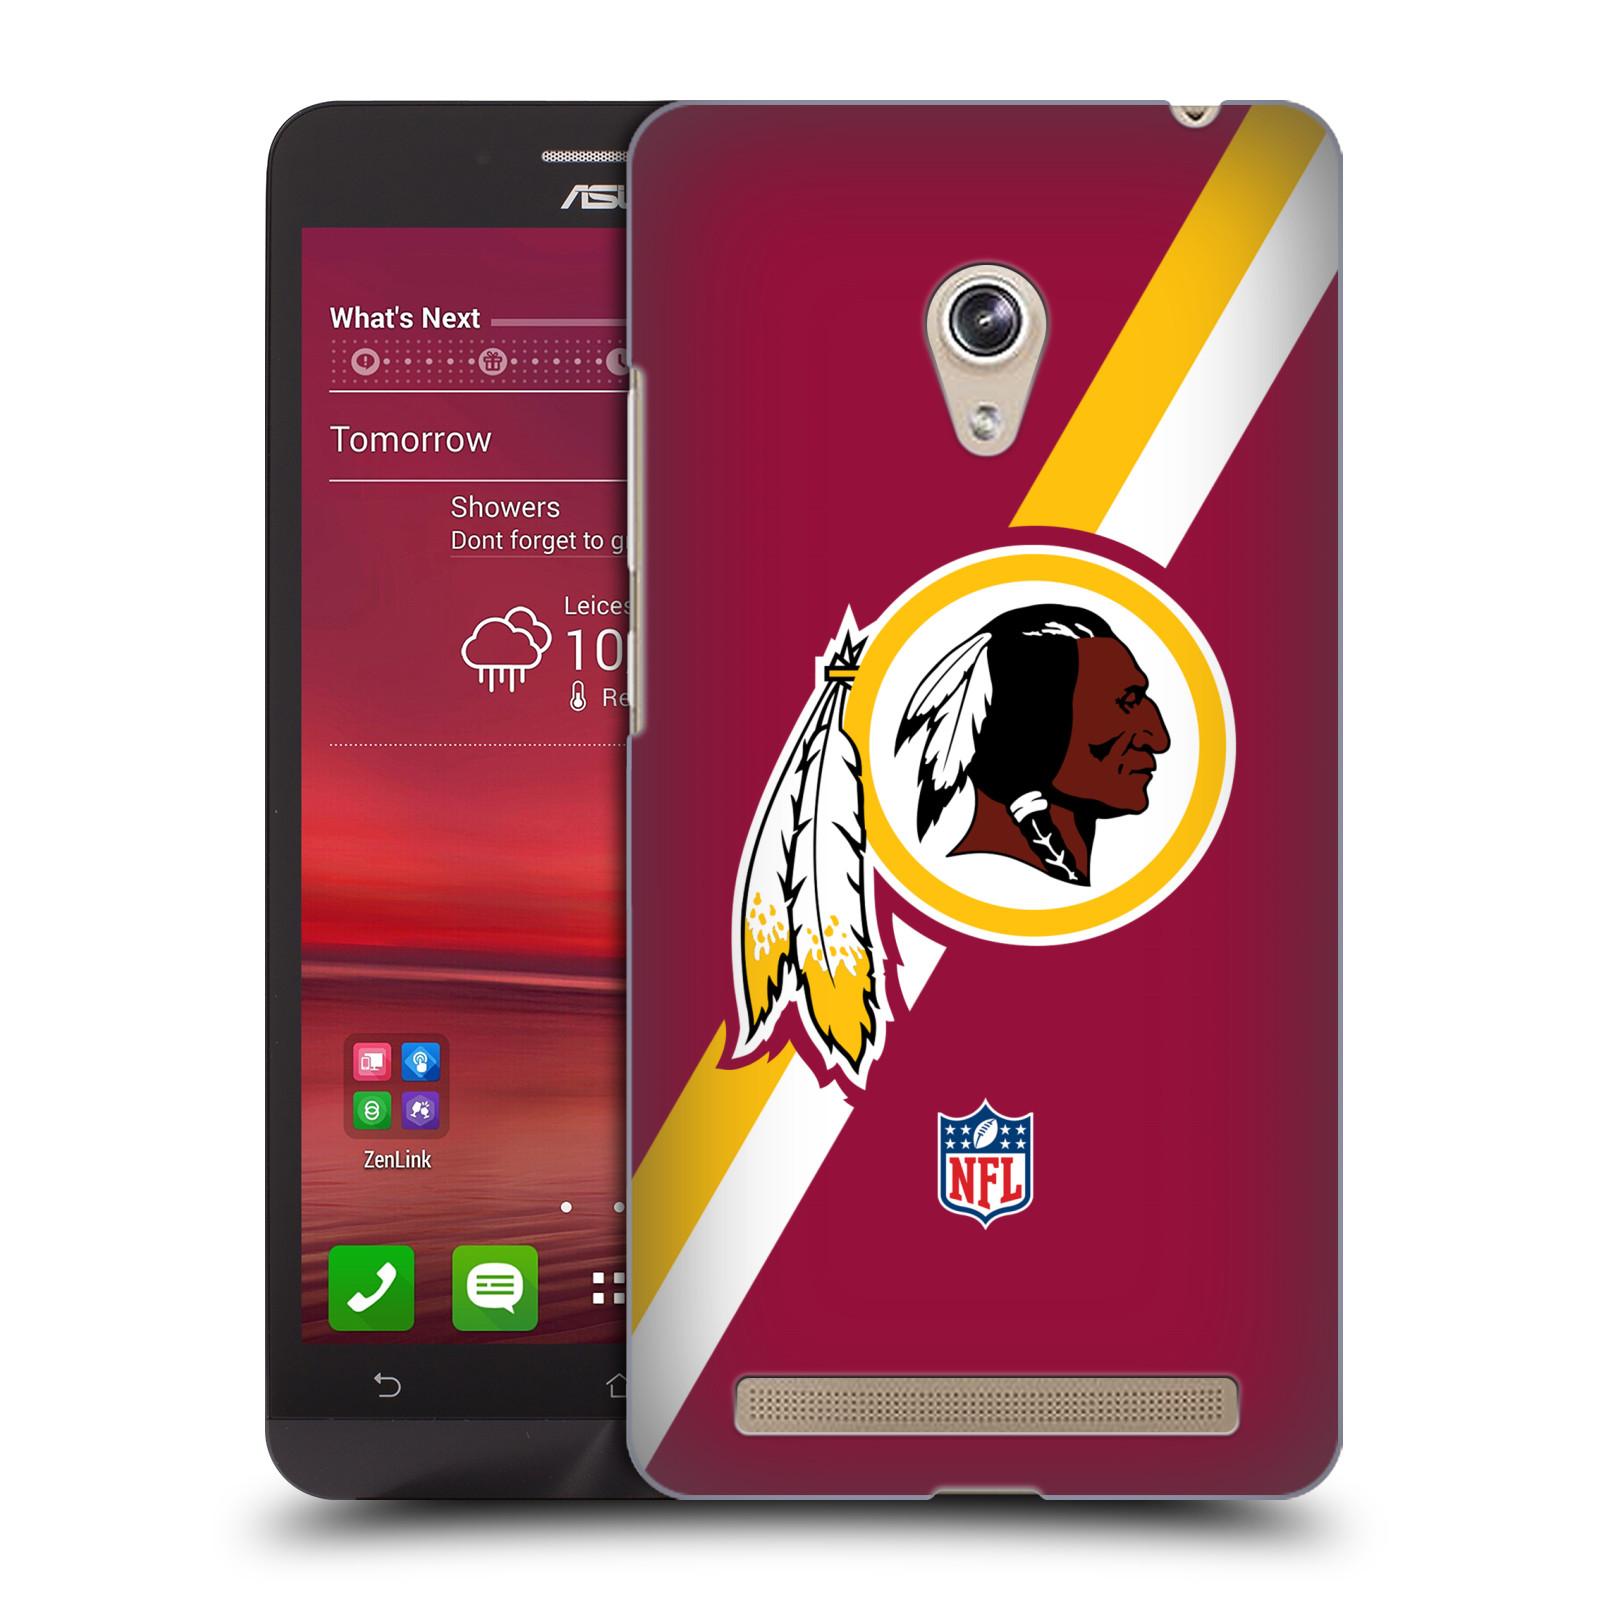 Plastové pouzdro na mobil Asus Zenfone 6 HEAD CASE NFL - Washington Redskins (Plastový kryt či obal na mobilní telefon licencovaným motivem NFL pro Asus Zenfone 6 A600CG / A601CG)